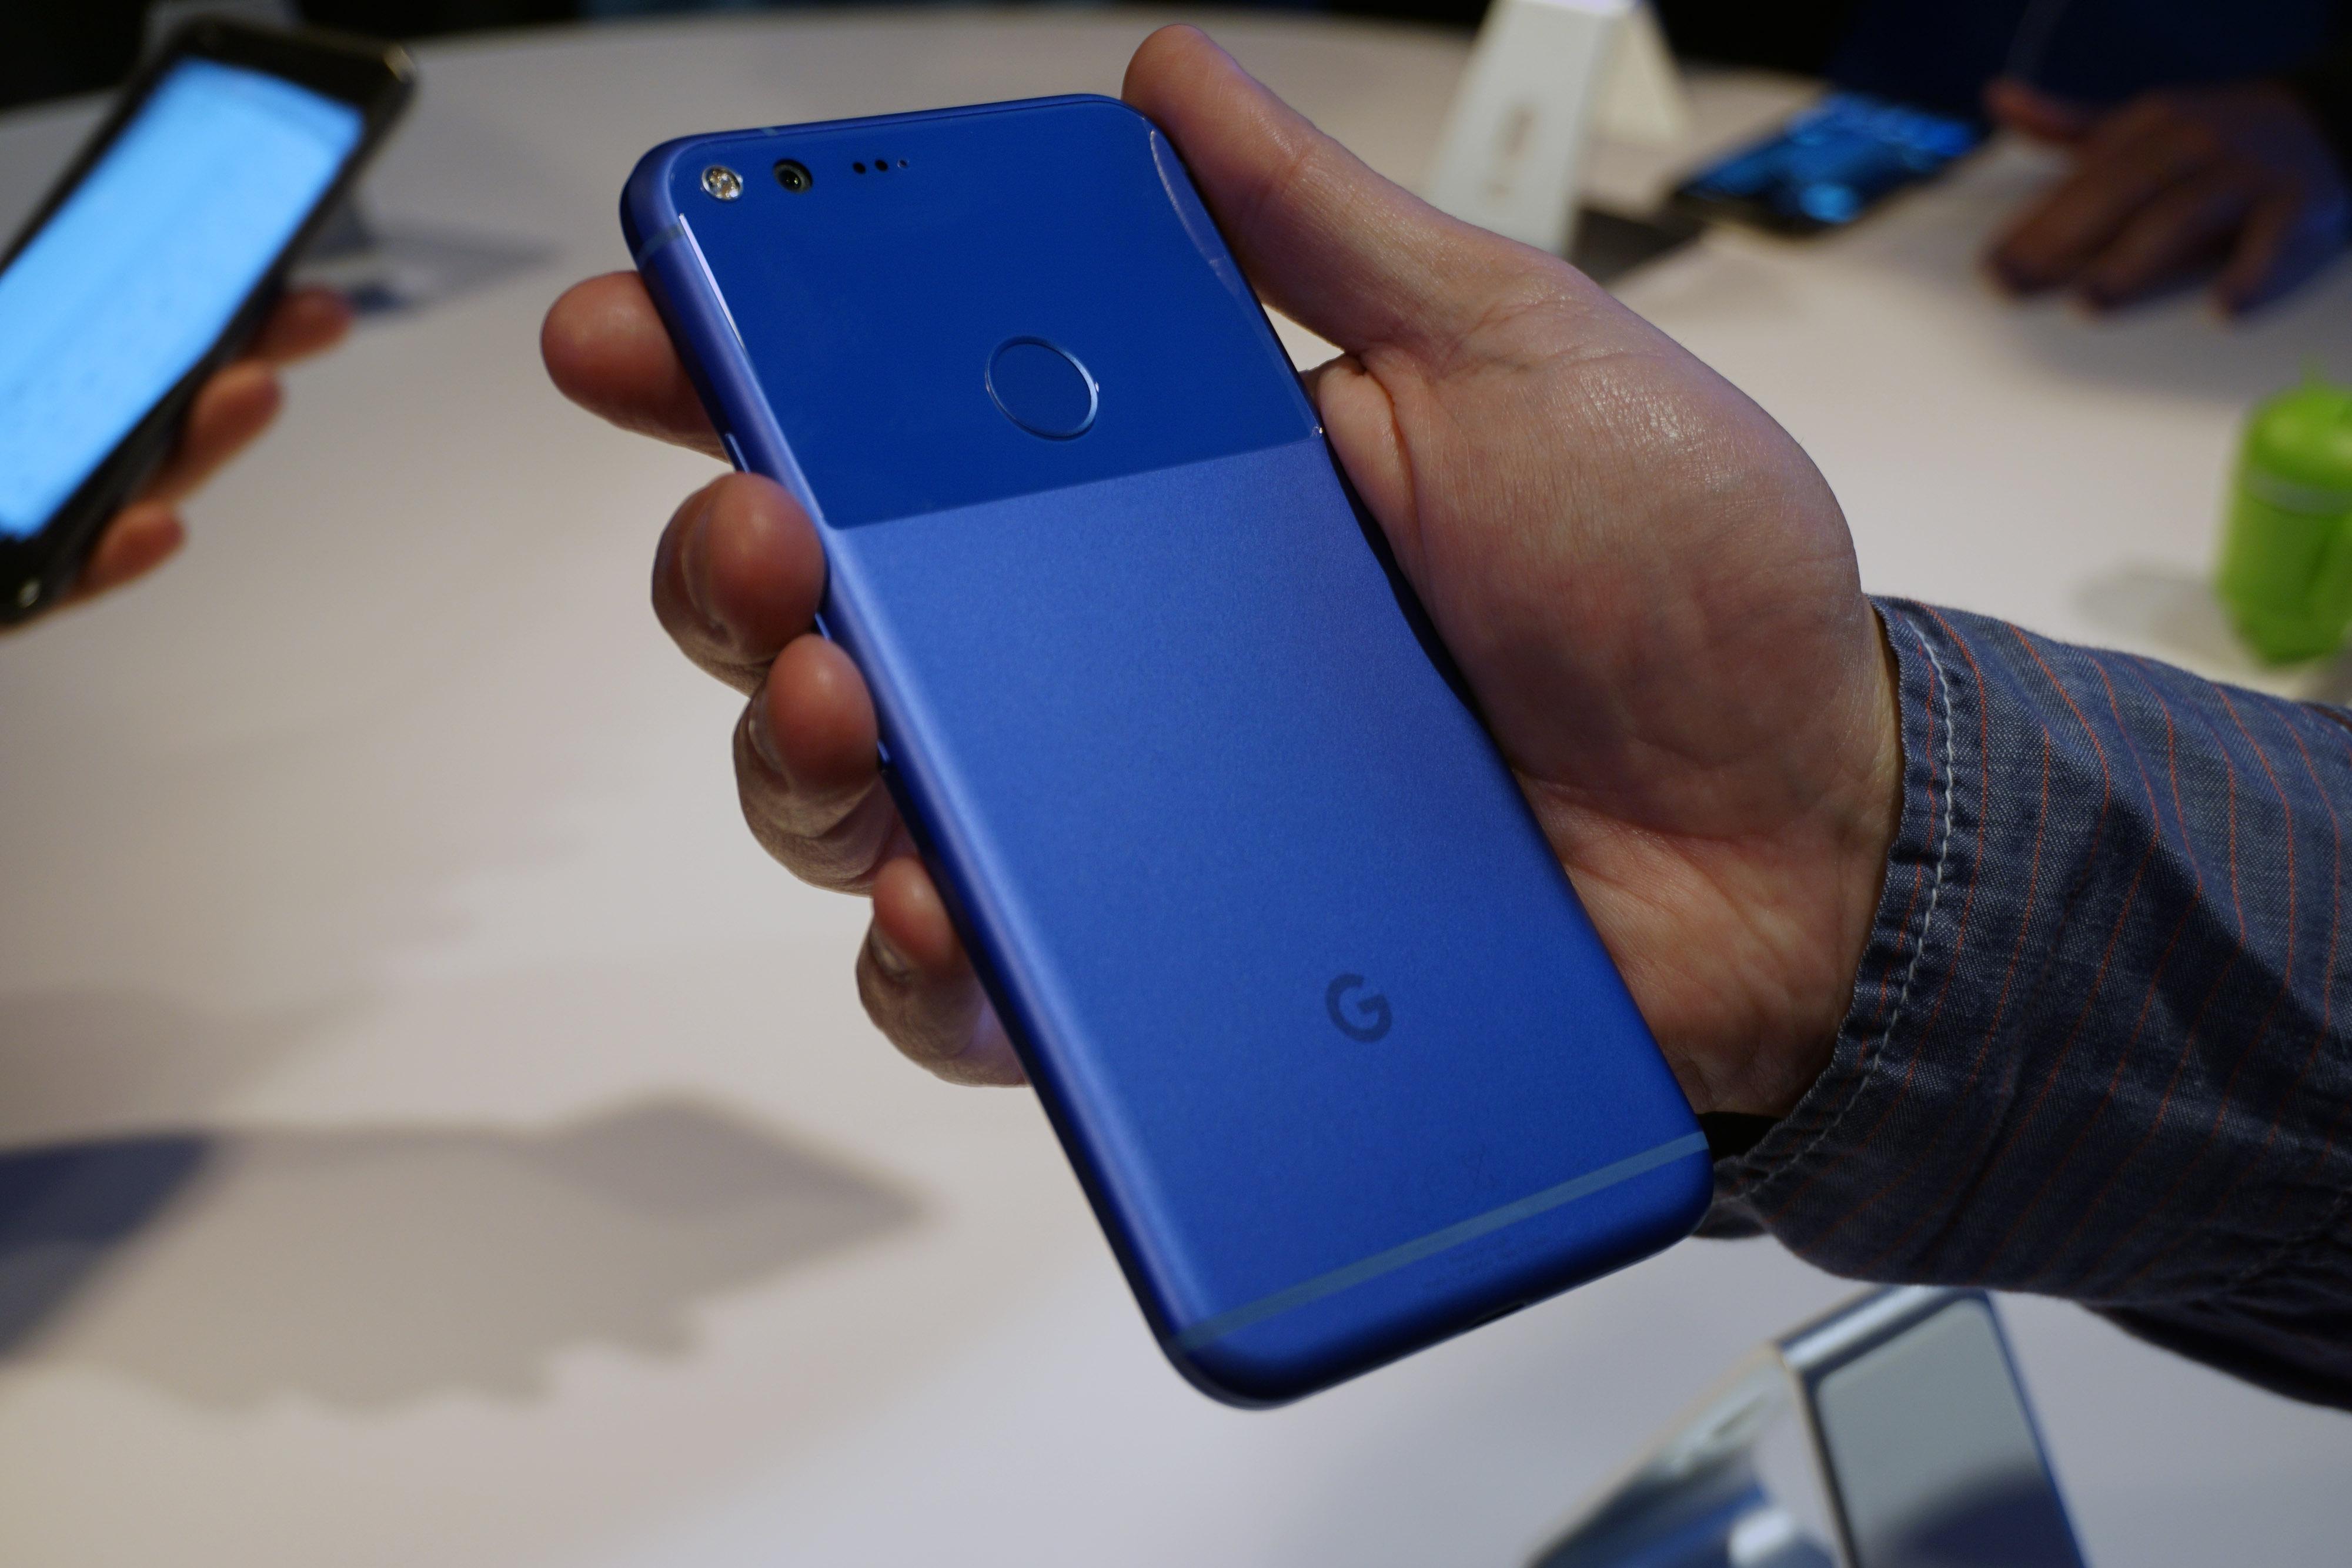 google_pixel_hands_on_1